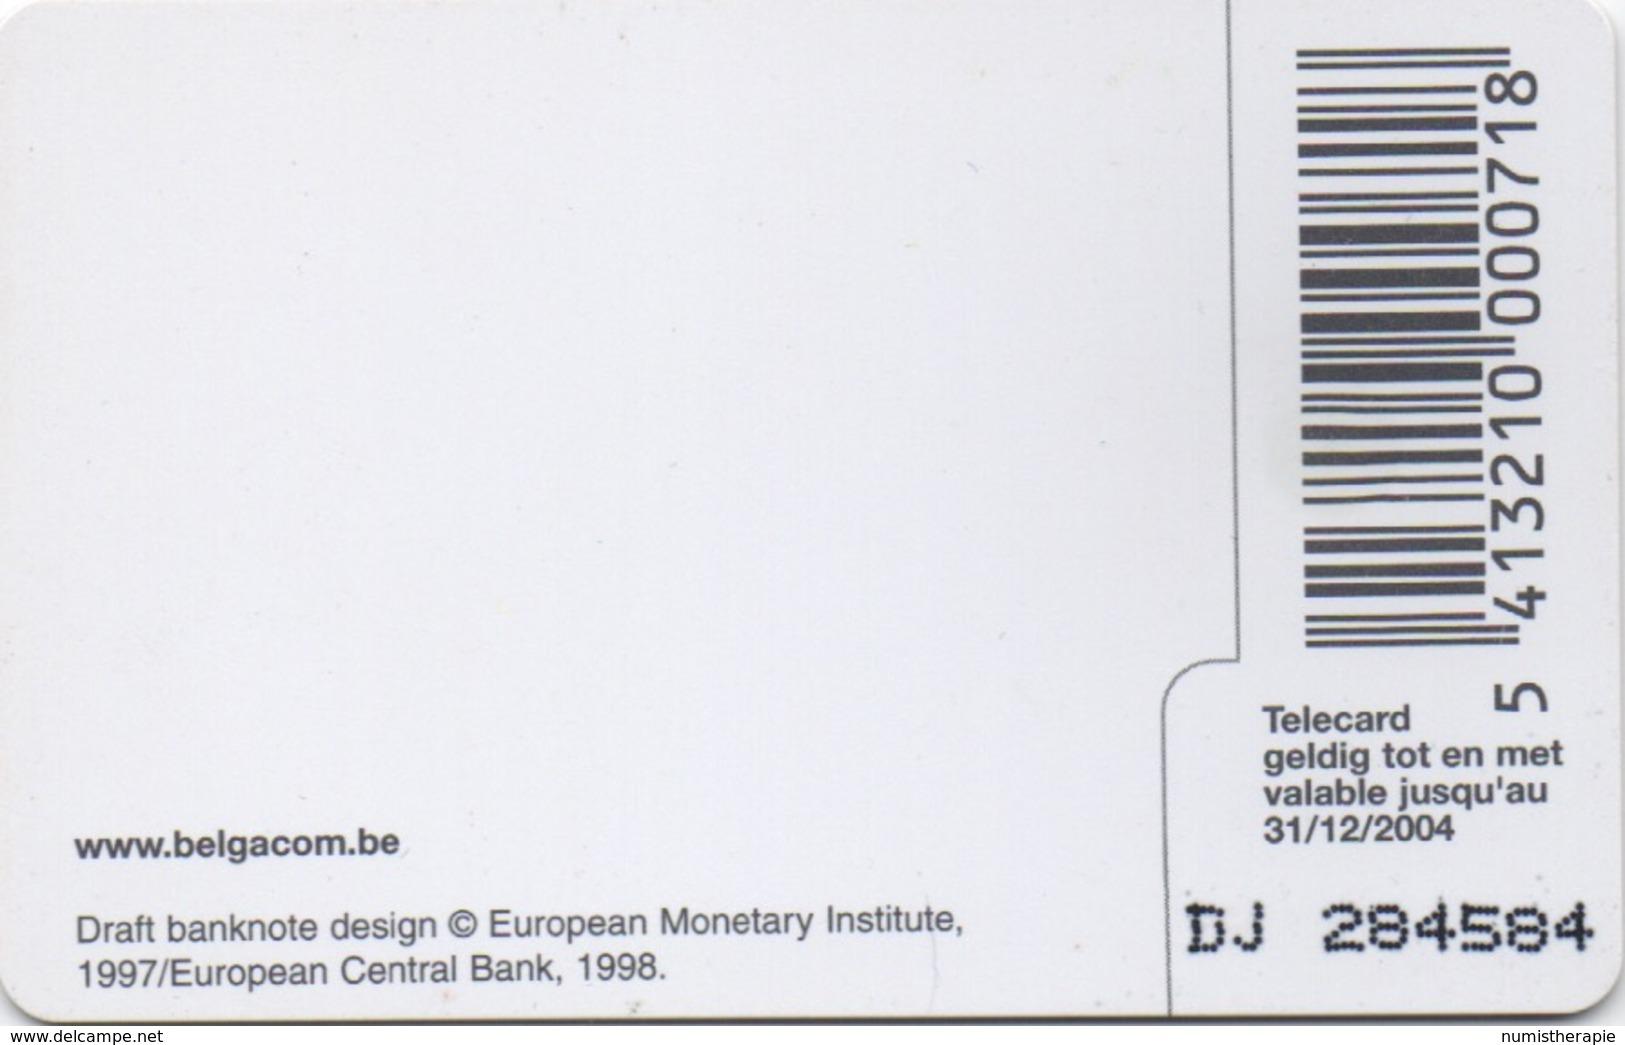 Télécarte Belgacom : 5 EUR Billet De Banque (202 BEF) Valable Jusqu'au 31/12/2004 - Timbres & Monnaies